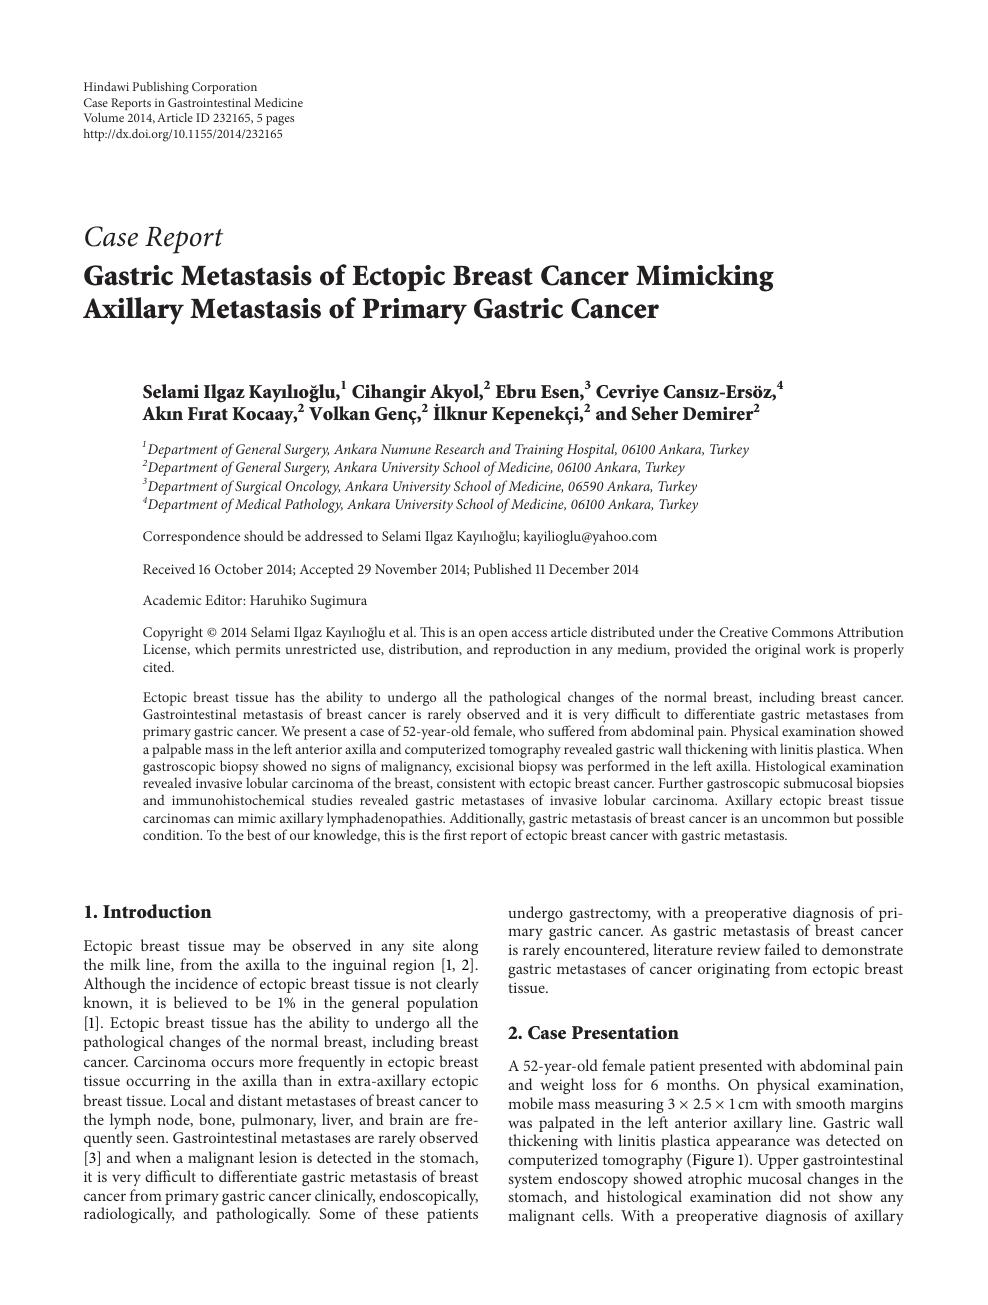 gastric cancer case presentation